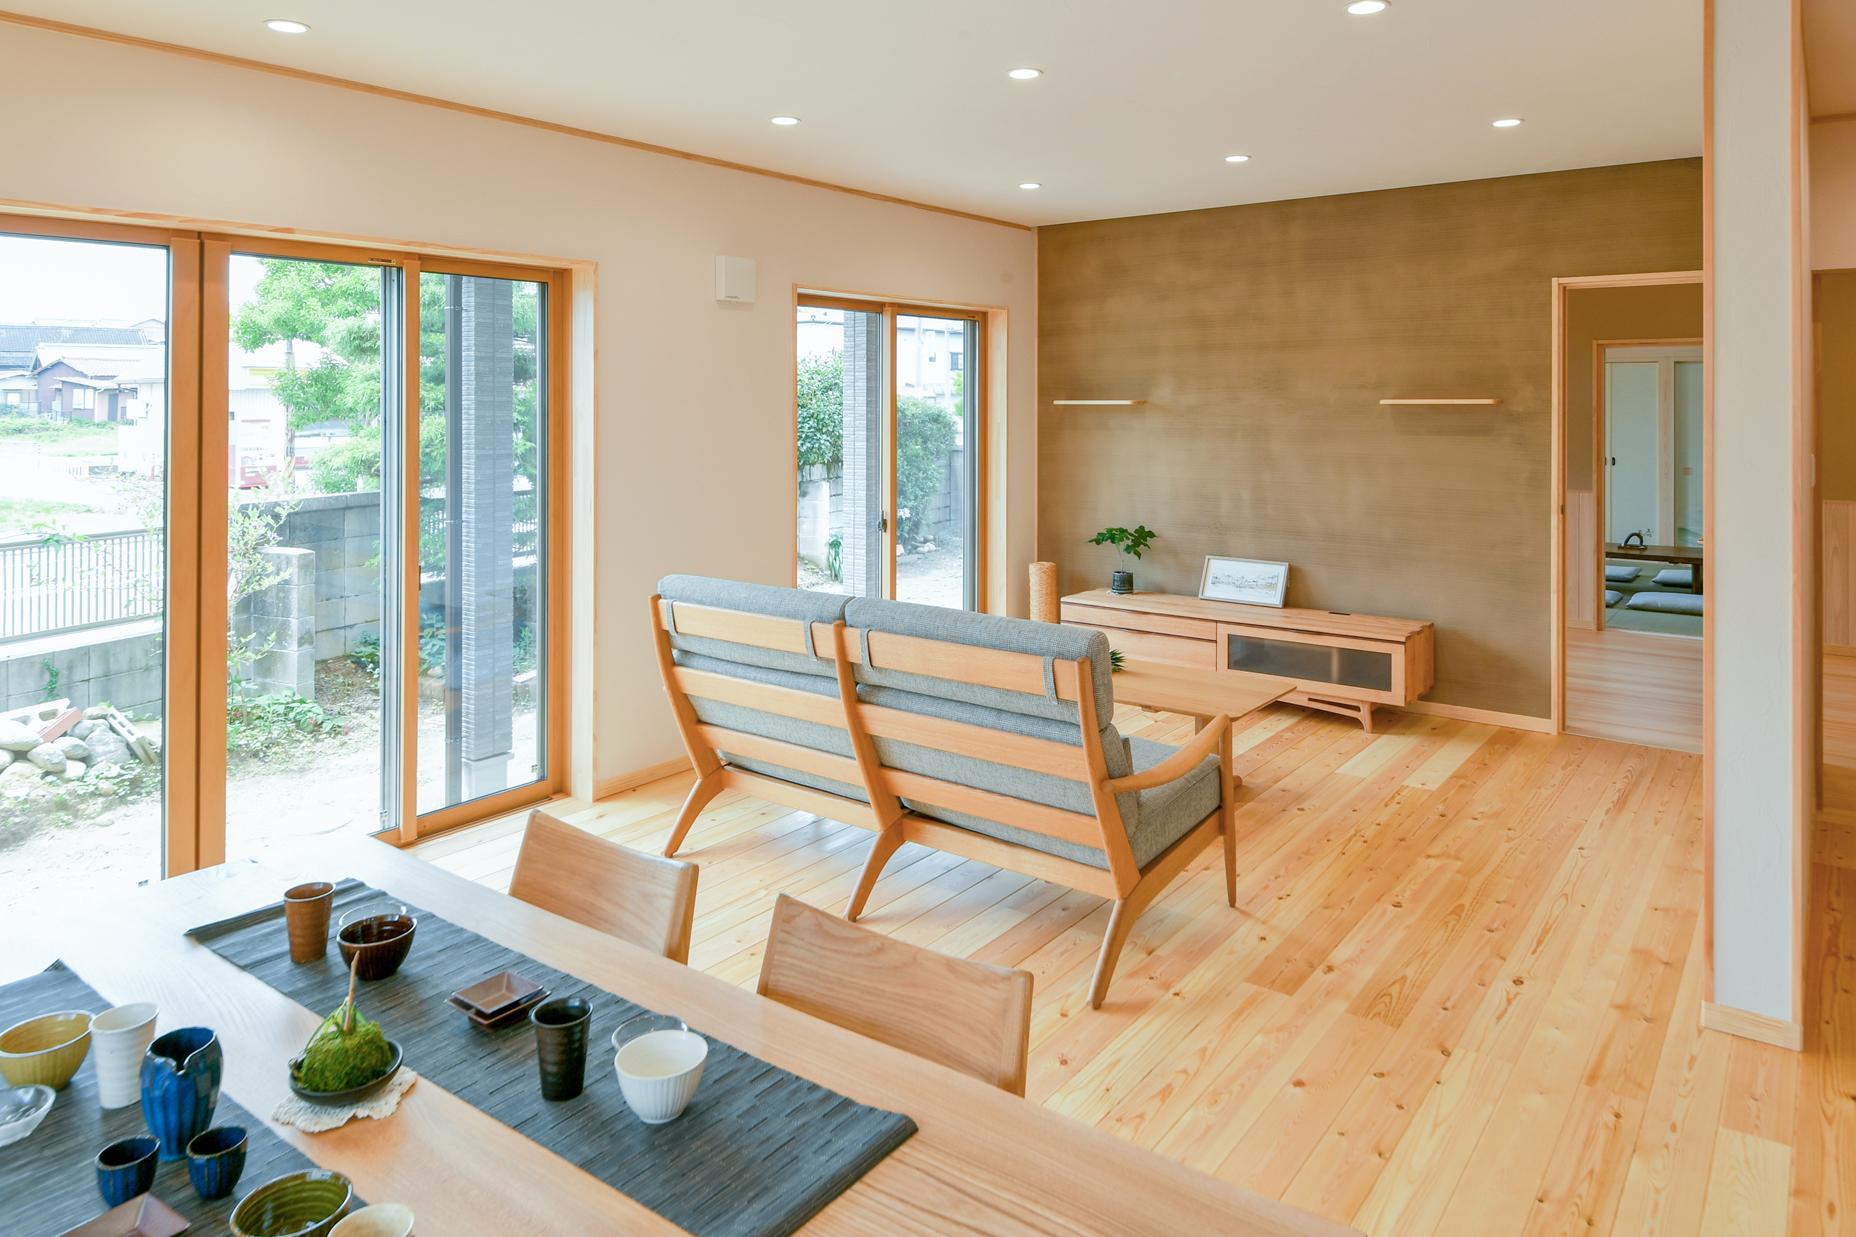 「大きな2世帯住宅」が叶えた夢のお家。【1F】